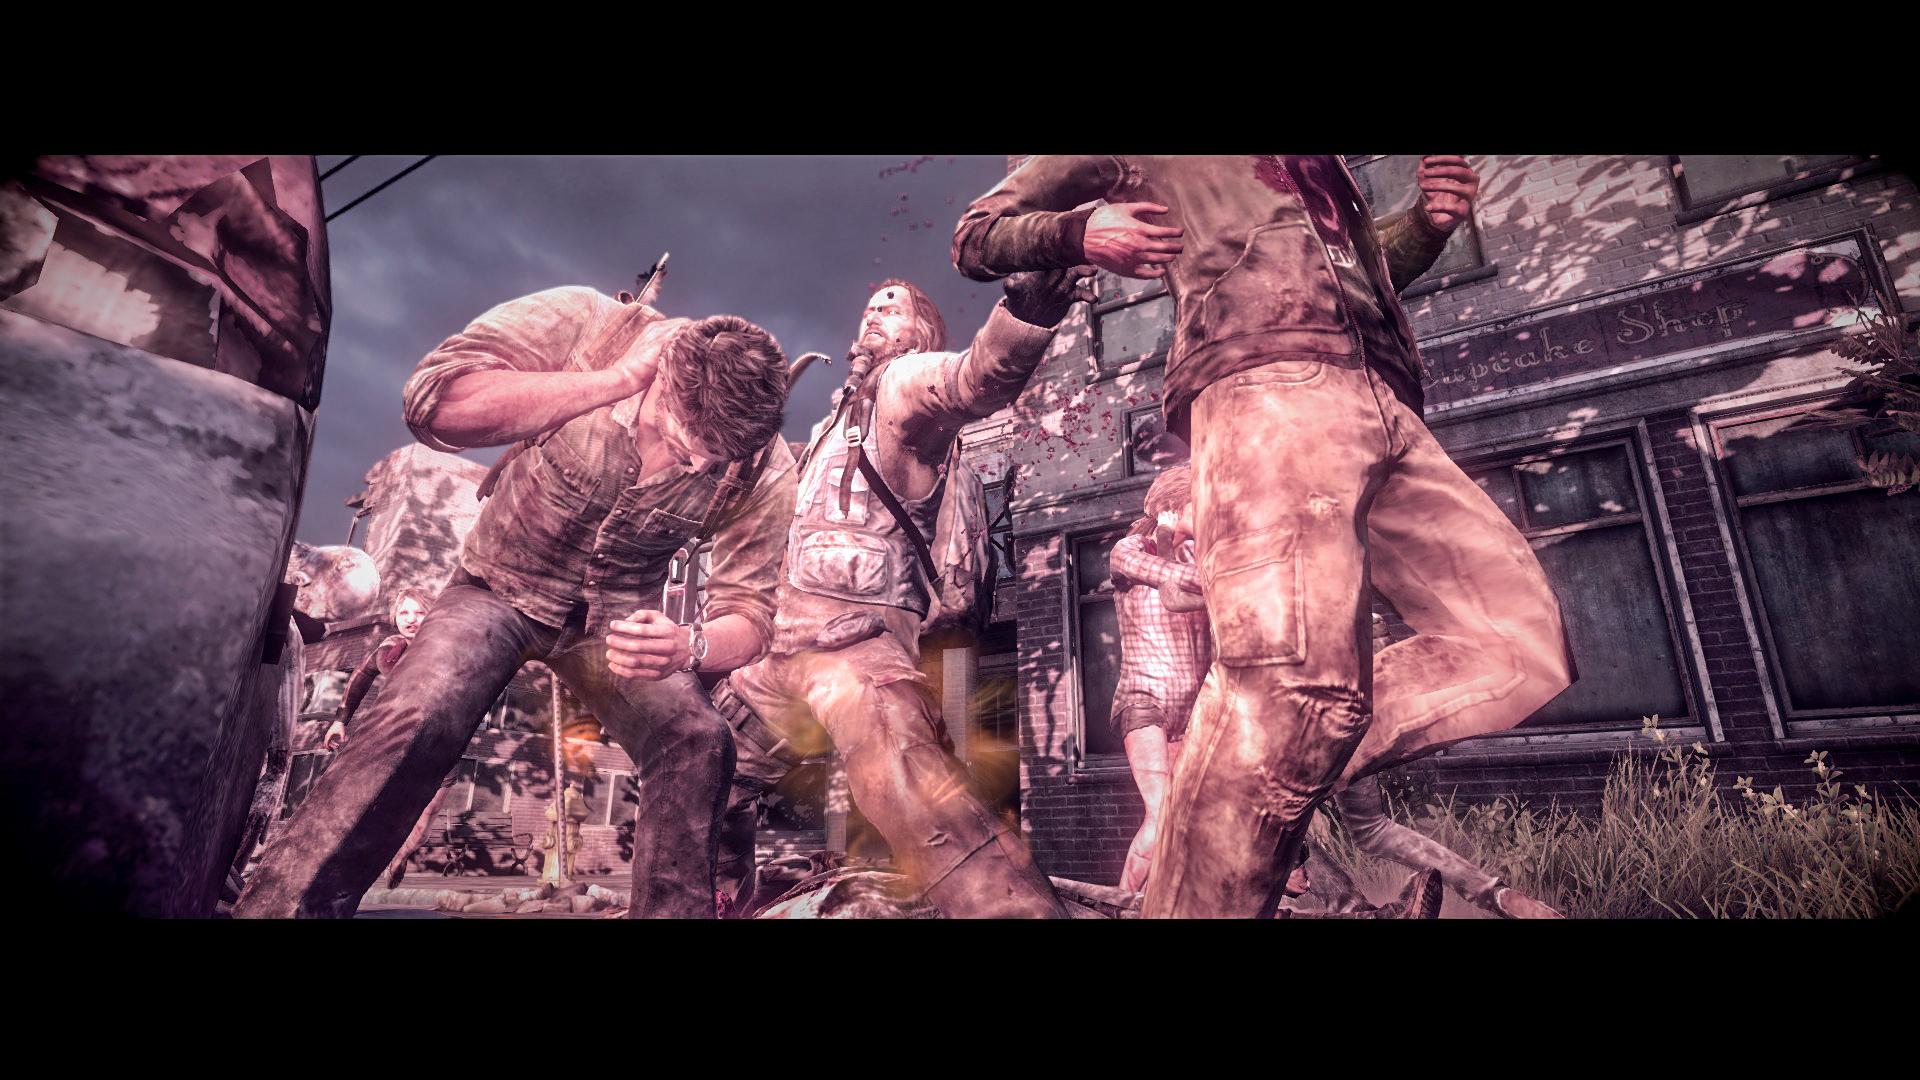 210 The Last Of Us Papéis De Parede Hd: The Last Of Us Remastered Papéis De Parede, Plano De Fundo